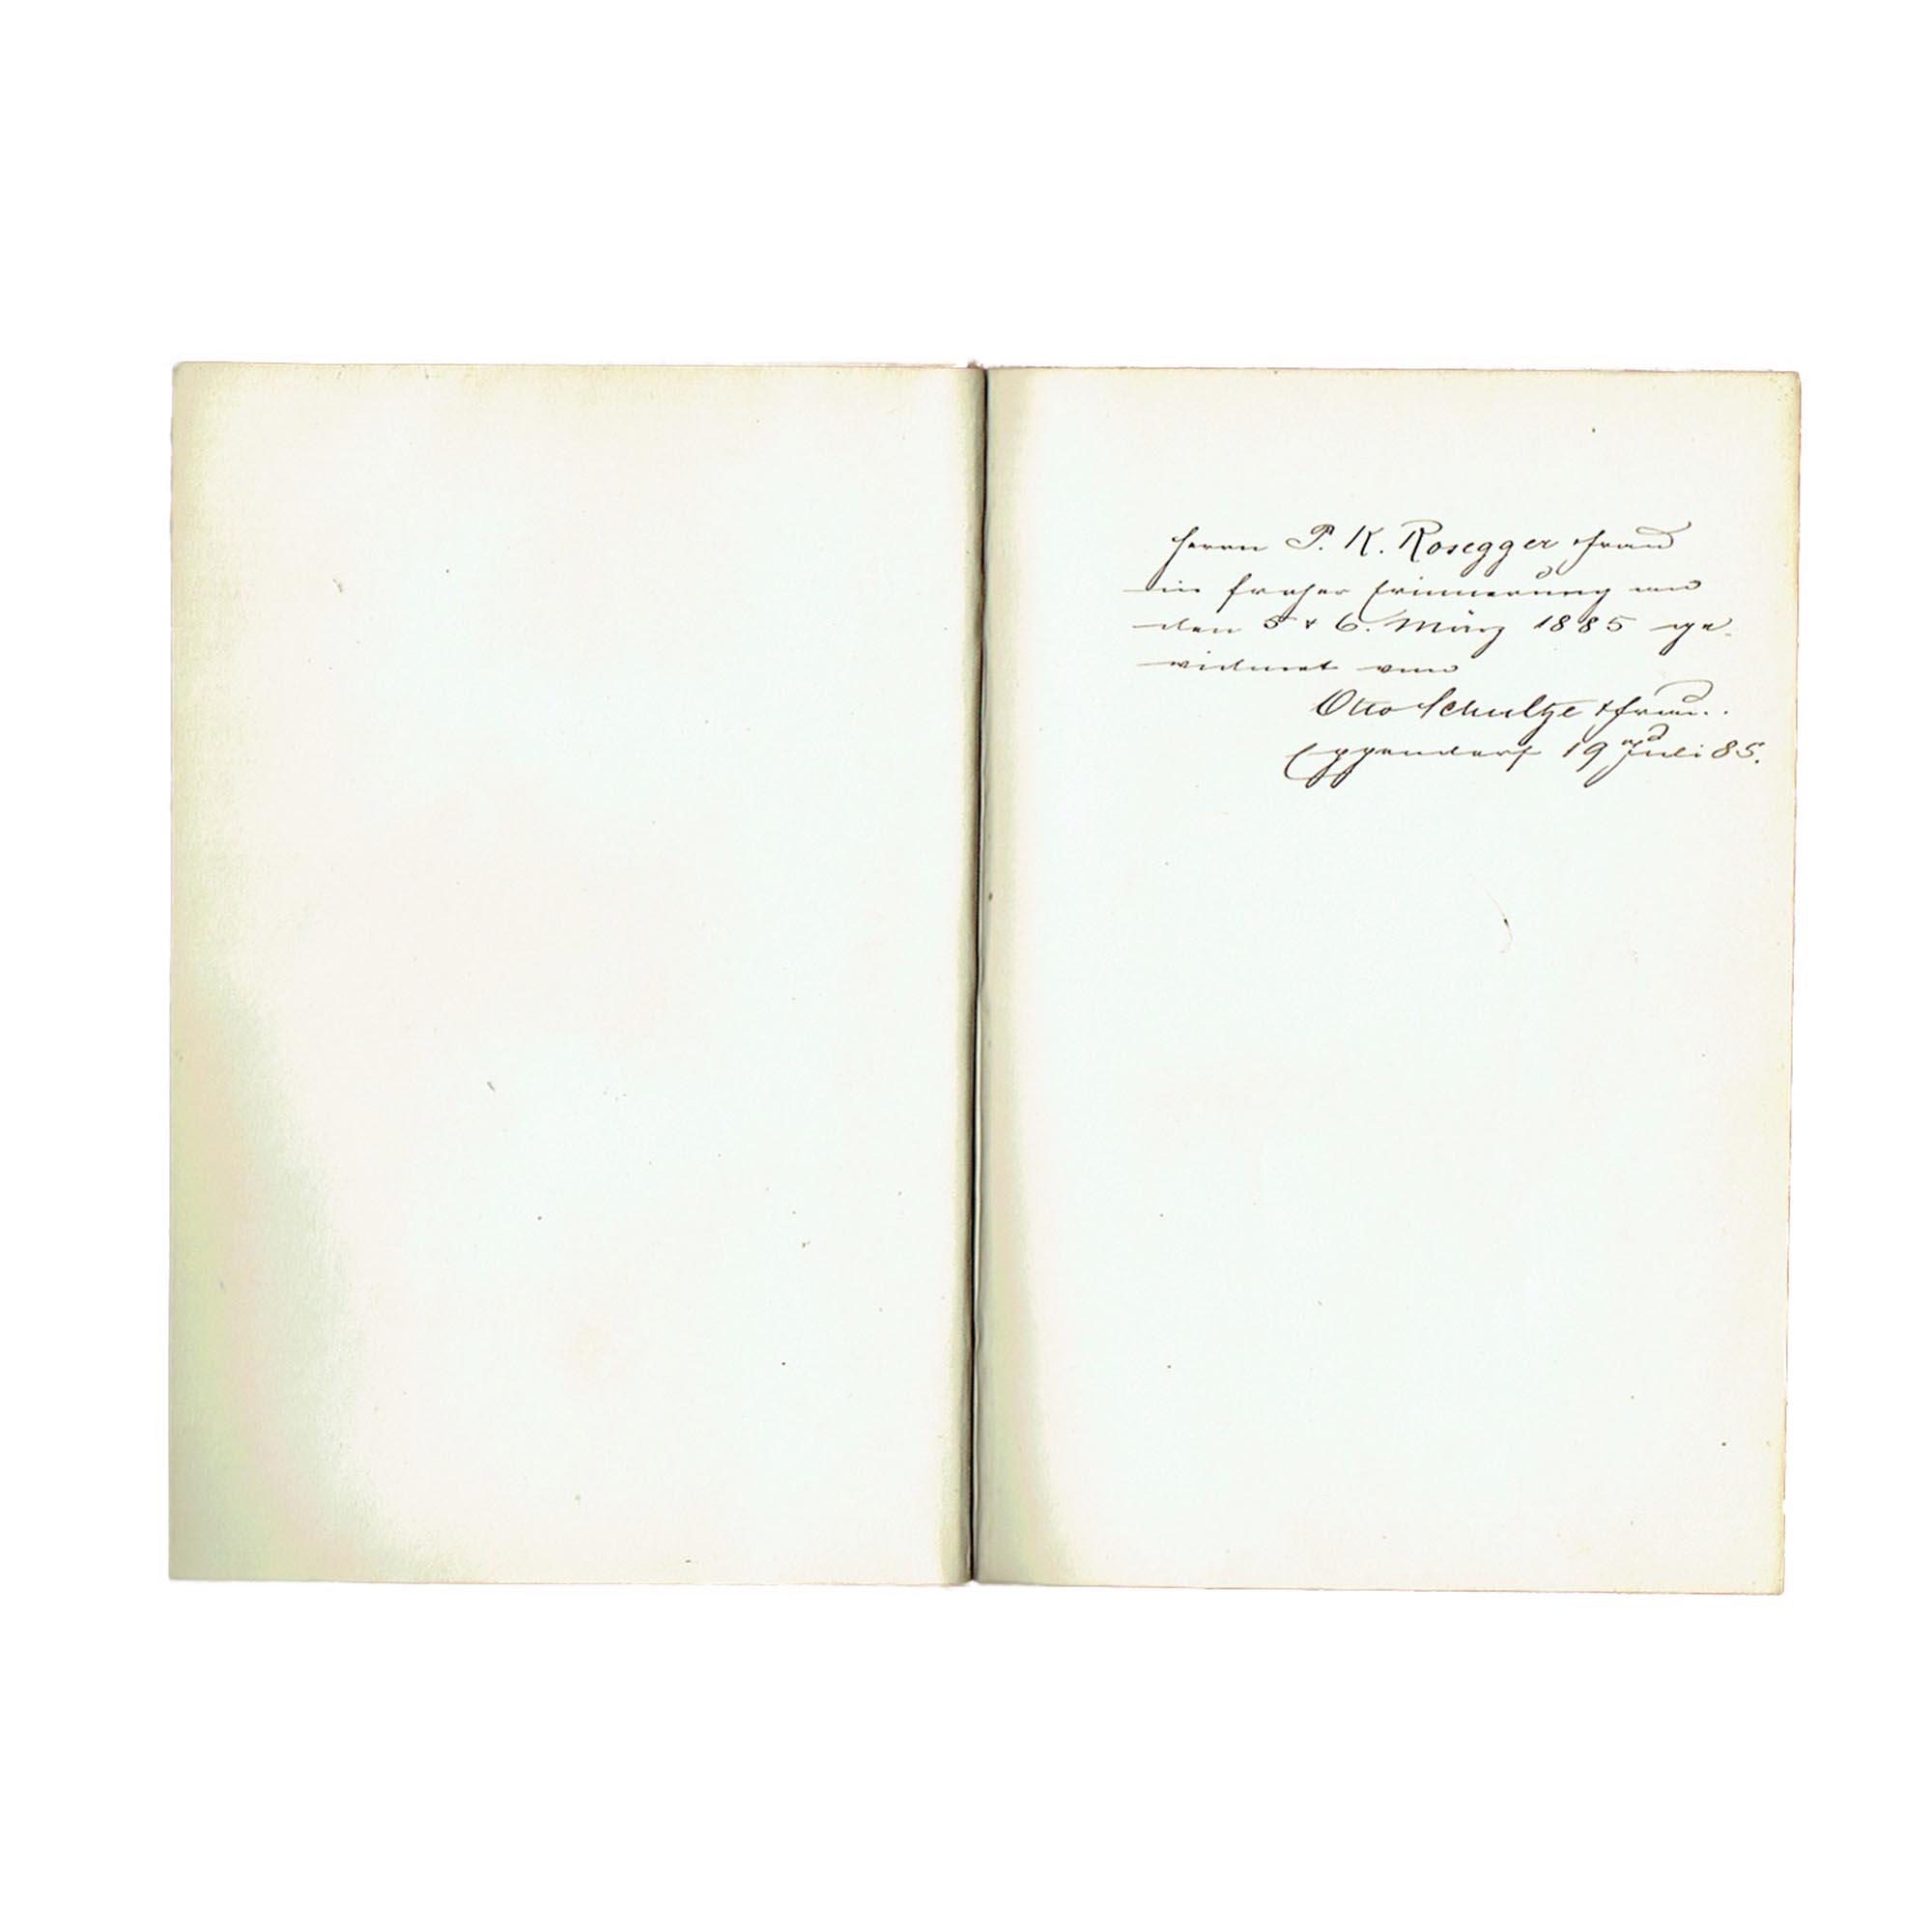 1333-Reinick-Auerbauch-Autograph-Rosser-1881-Widmung-frei-N.jpg